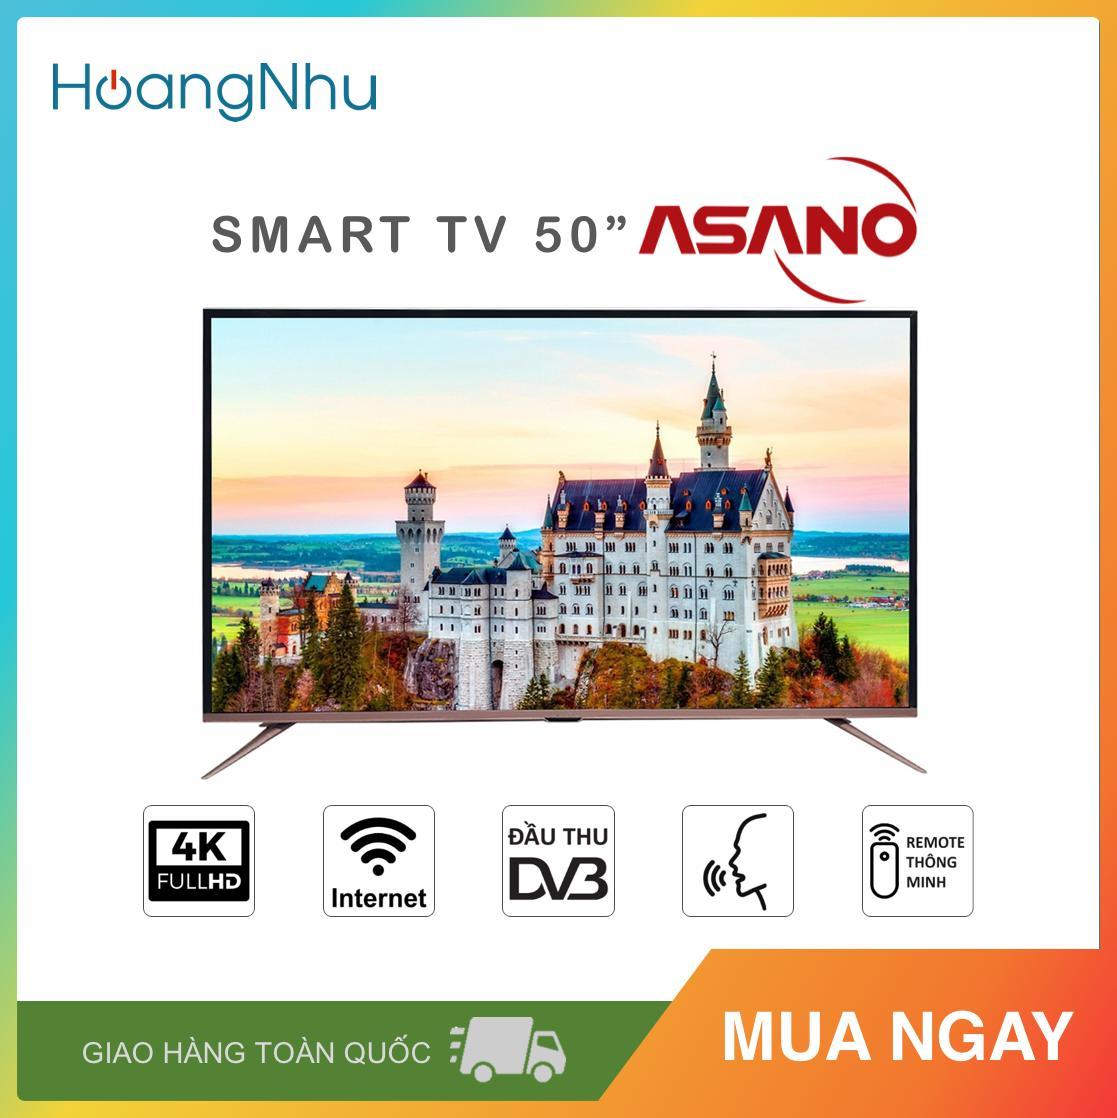 Bảng giá Smart Voice TV 4K Asano 50 inch 50EK7 (Màn hình UHD 4K, Android 7.1, Wifi, Điều khiển giọng nói, Bluetooth, Truyền hình KTS) - Bảo hành toàn quốc 2 năm